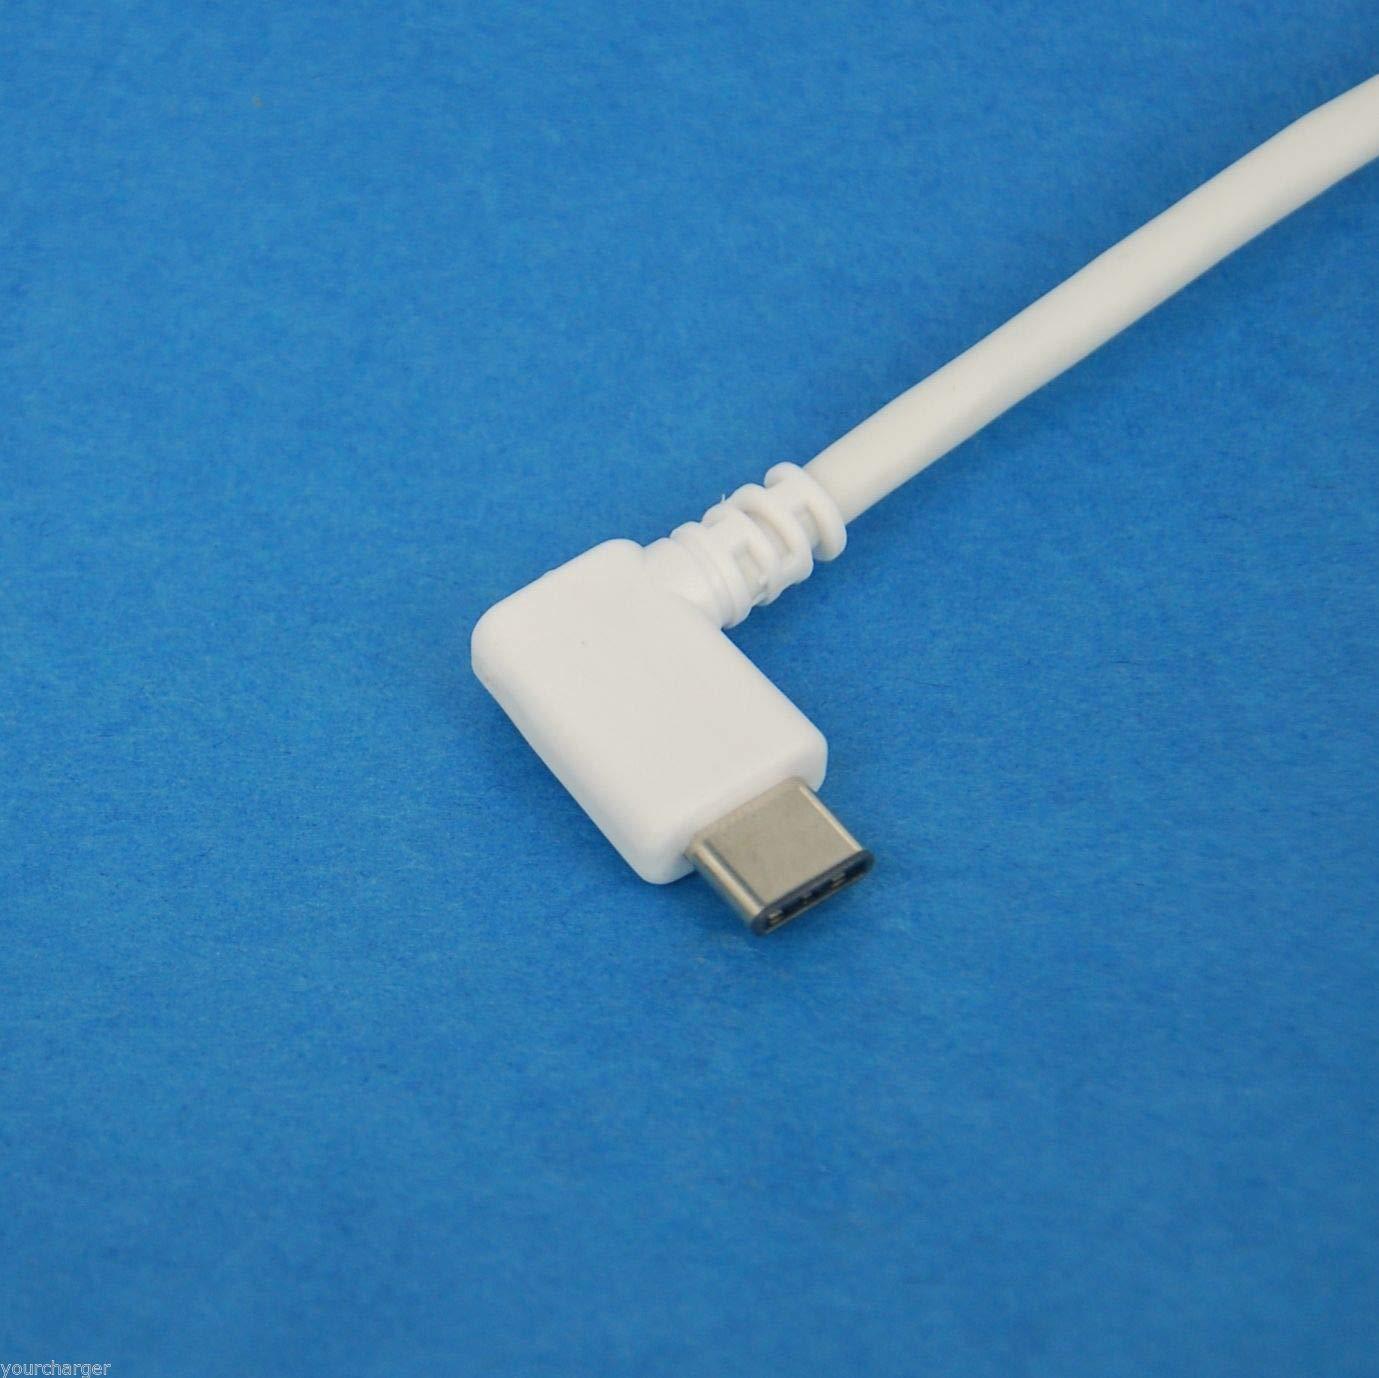 FidgetFidget USB Type C L-Shape Cable White 1ft 0.3M